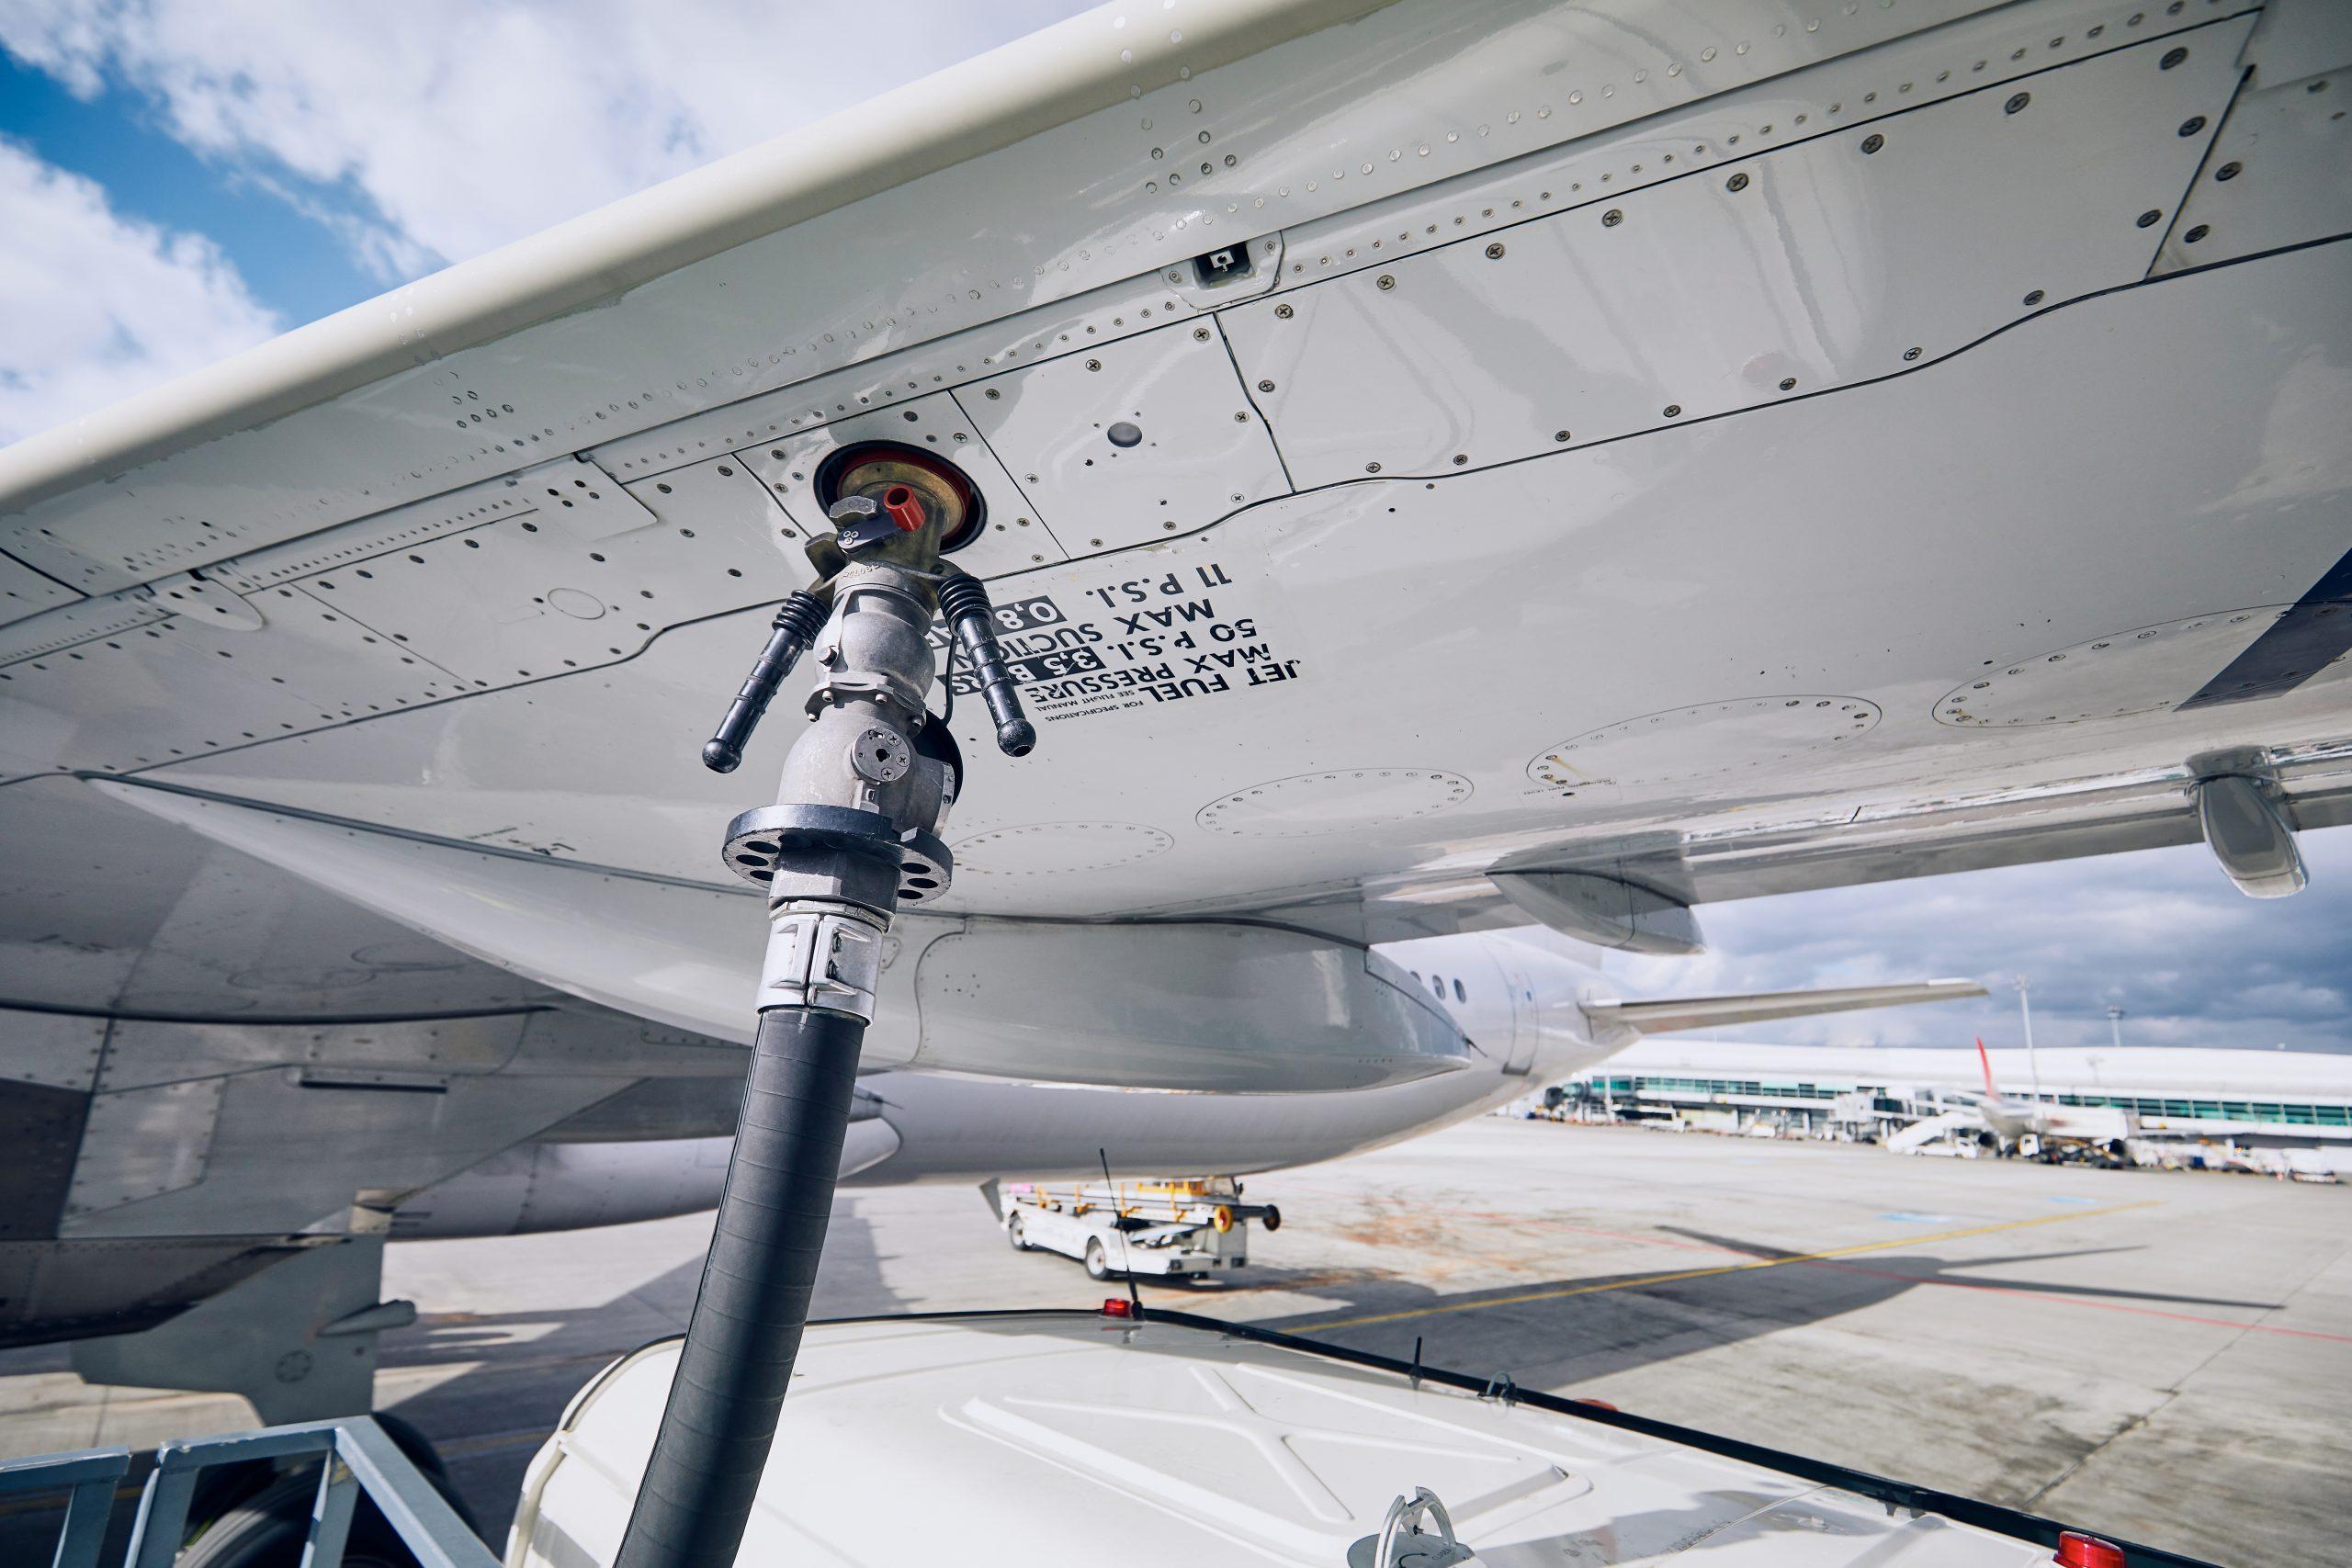 Fly tankes med jetfuel. (Foto: Jaromir Chalabala | shutterstock)